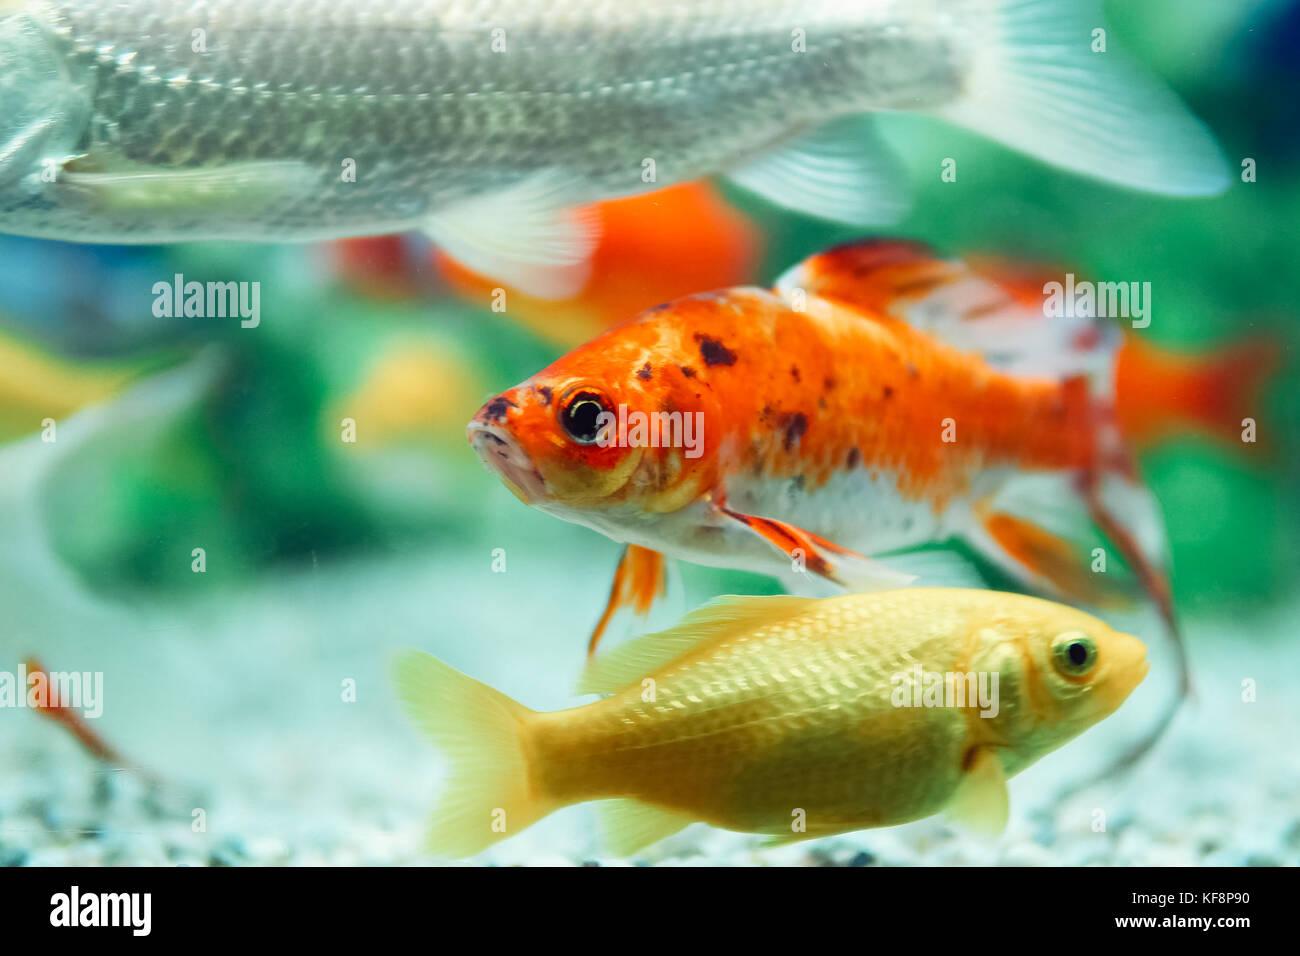 Yellow and Red Goldfish Swimming In Aquarium Stock Photo: 164306268 ...